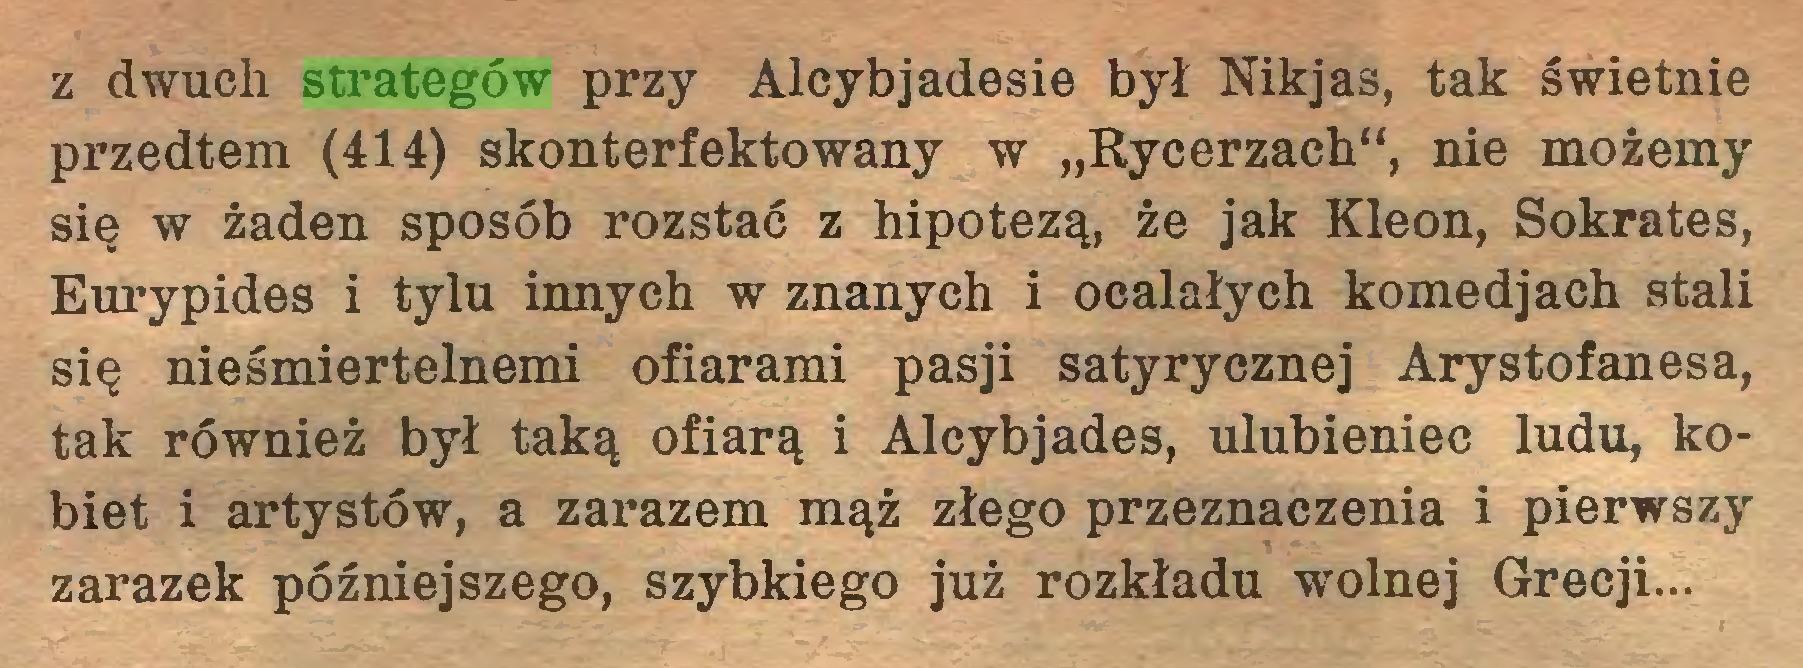 """(...) z dwuch strategów przy Alcybjadesie był Nikjas, tak świetnie przedtem (414) skonterfektowany w """"Rycerzach"""", nie możemy się w żaden sposób rozstać z hipotezą, że jak Kleon, Sokrates, Eurypides i tylu innych w znanych i ocalałych komedjach stali się nieśmiertelnemi ofiarami pasji satyrycznej Arystofanesa, tak również był taką ofiarą i Alcybjades, ulubieniec ludu, kobiet i artystów, a zarazem mąż złego przeznaczenia i pierwszy zarazek późniejszego, szybkiego już rozkładu wolnej Grecji..."""